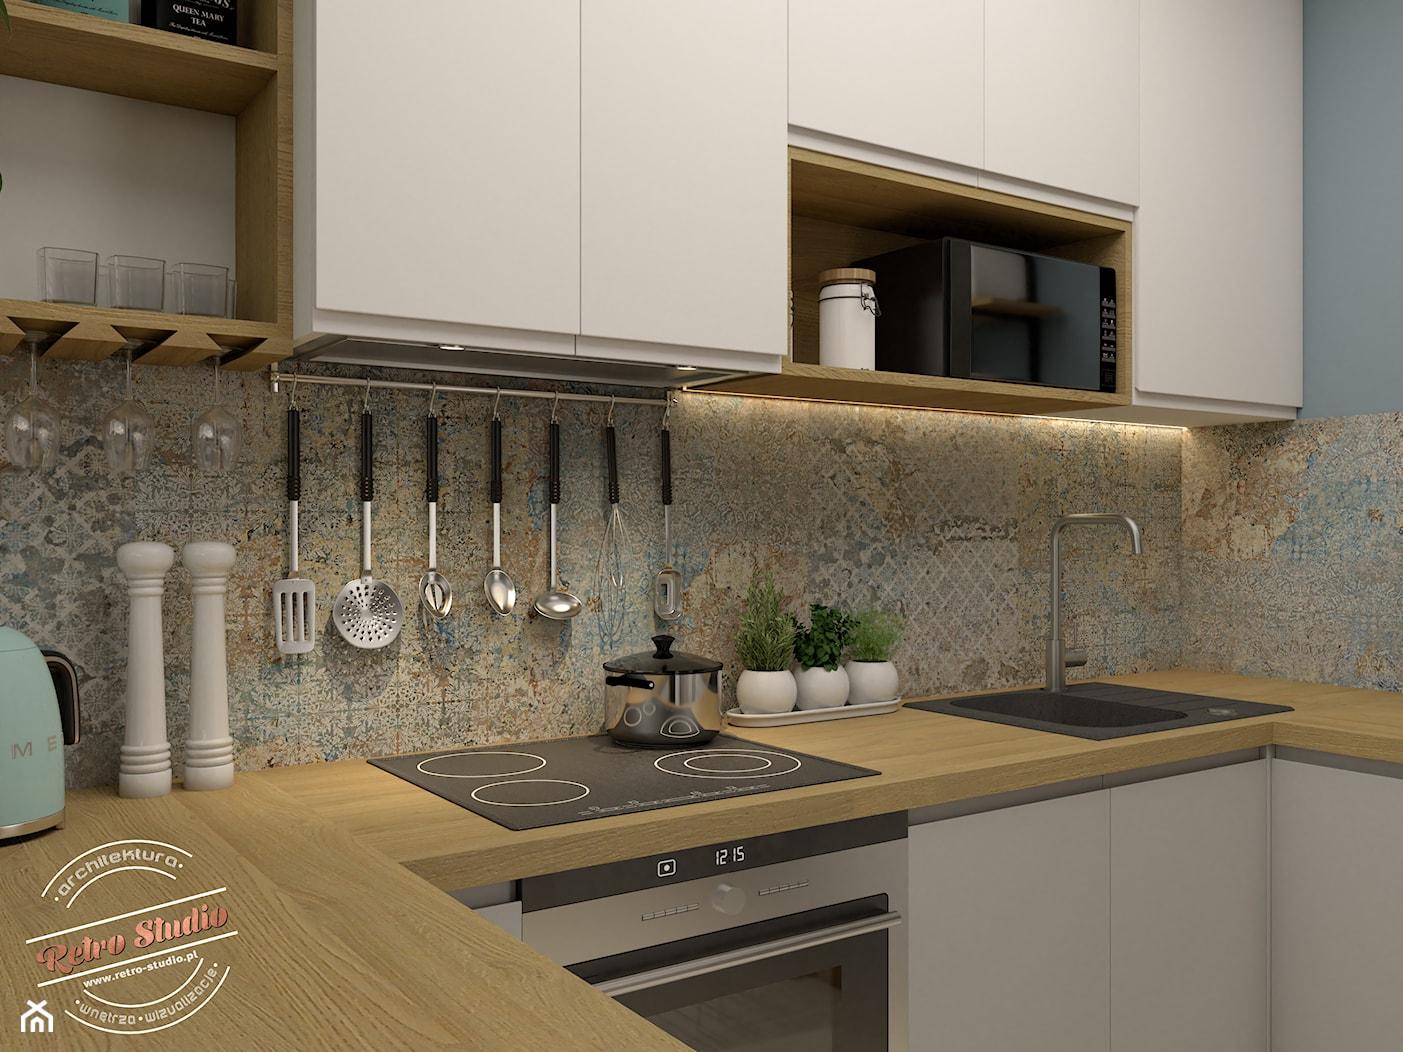 Kuchnia 6m2 - zdjęcie od Retro Studio - Homebook